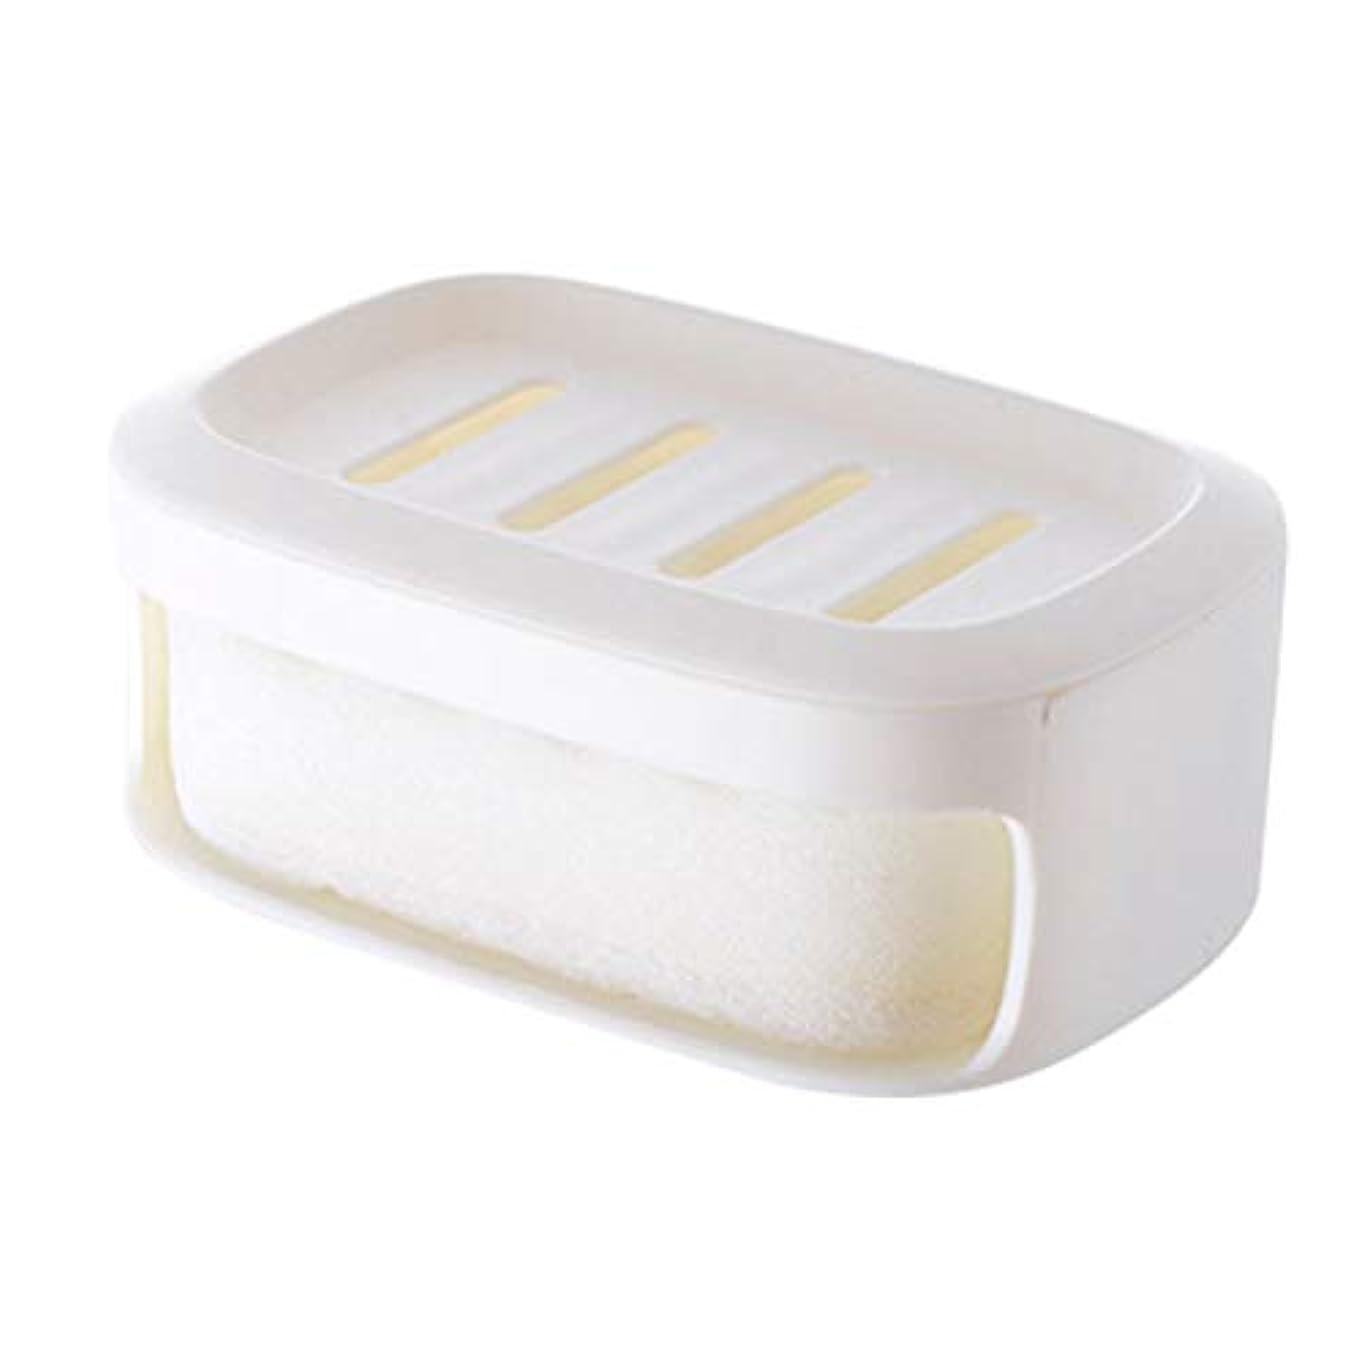 研磨最終的に時間Healifty ソープボックス二重層防水シールソープコンテナバスルームソープ収納ケース(ホワイト)